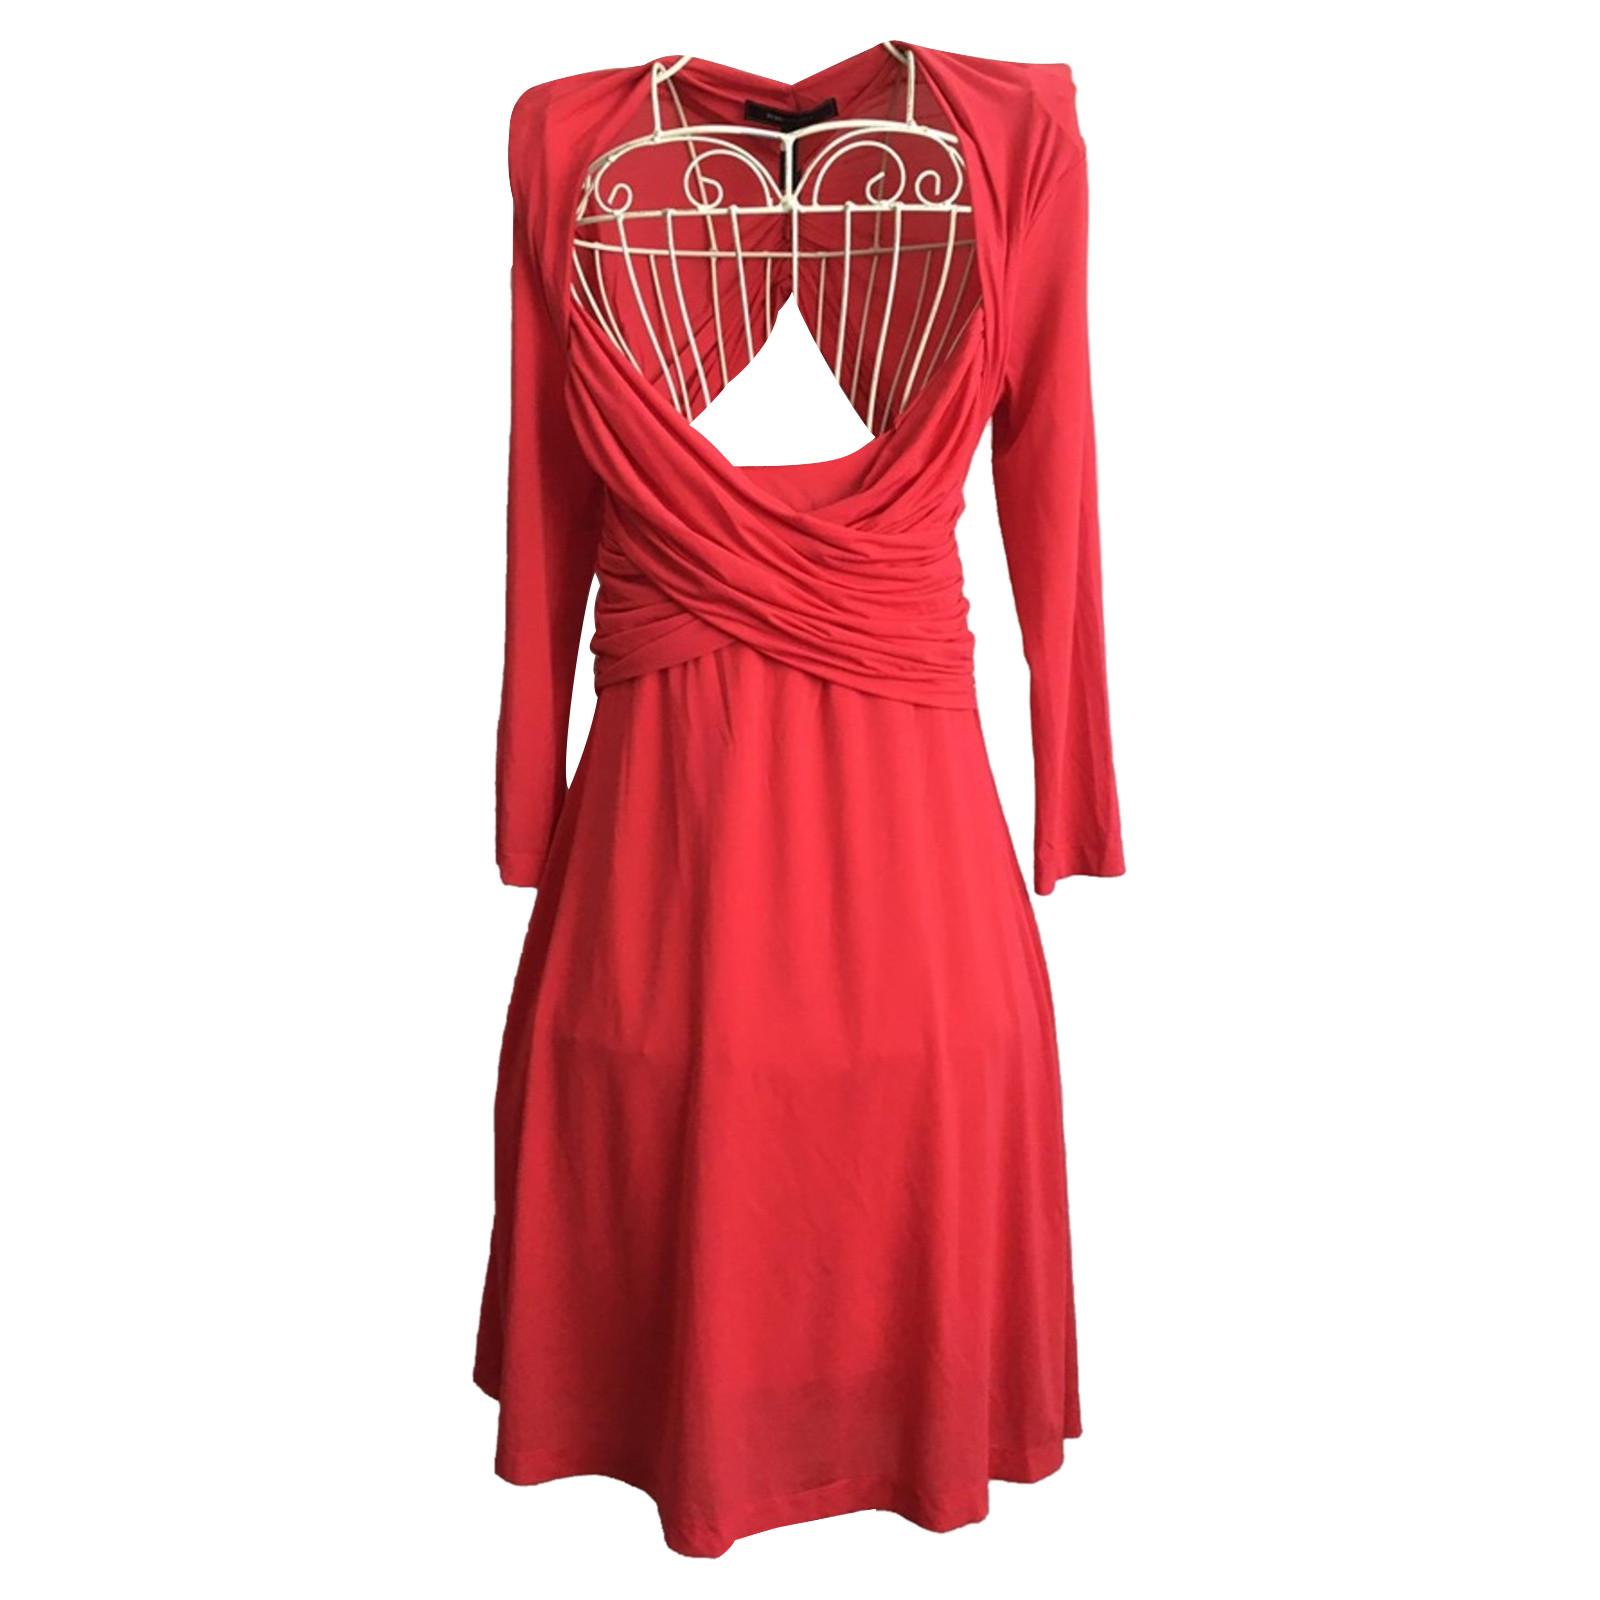 Bcbg Max Azria Dress Second Hand